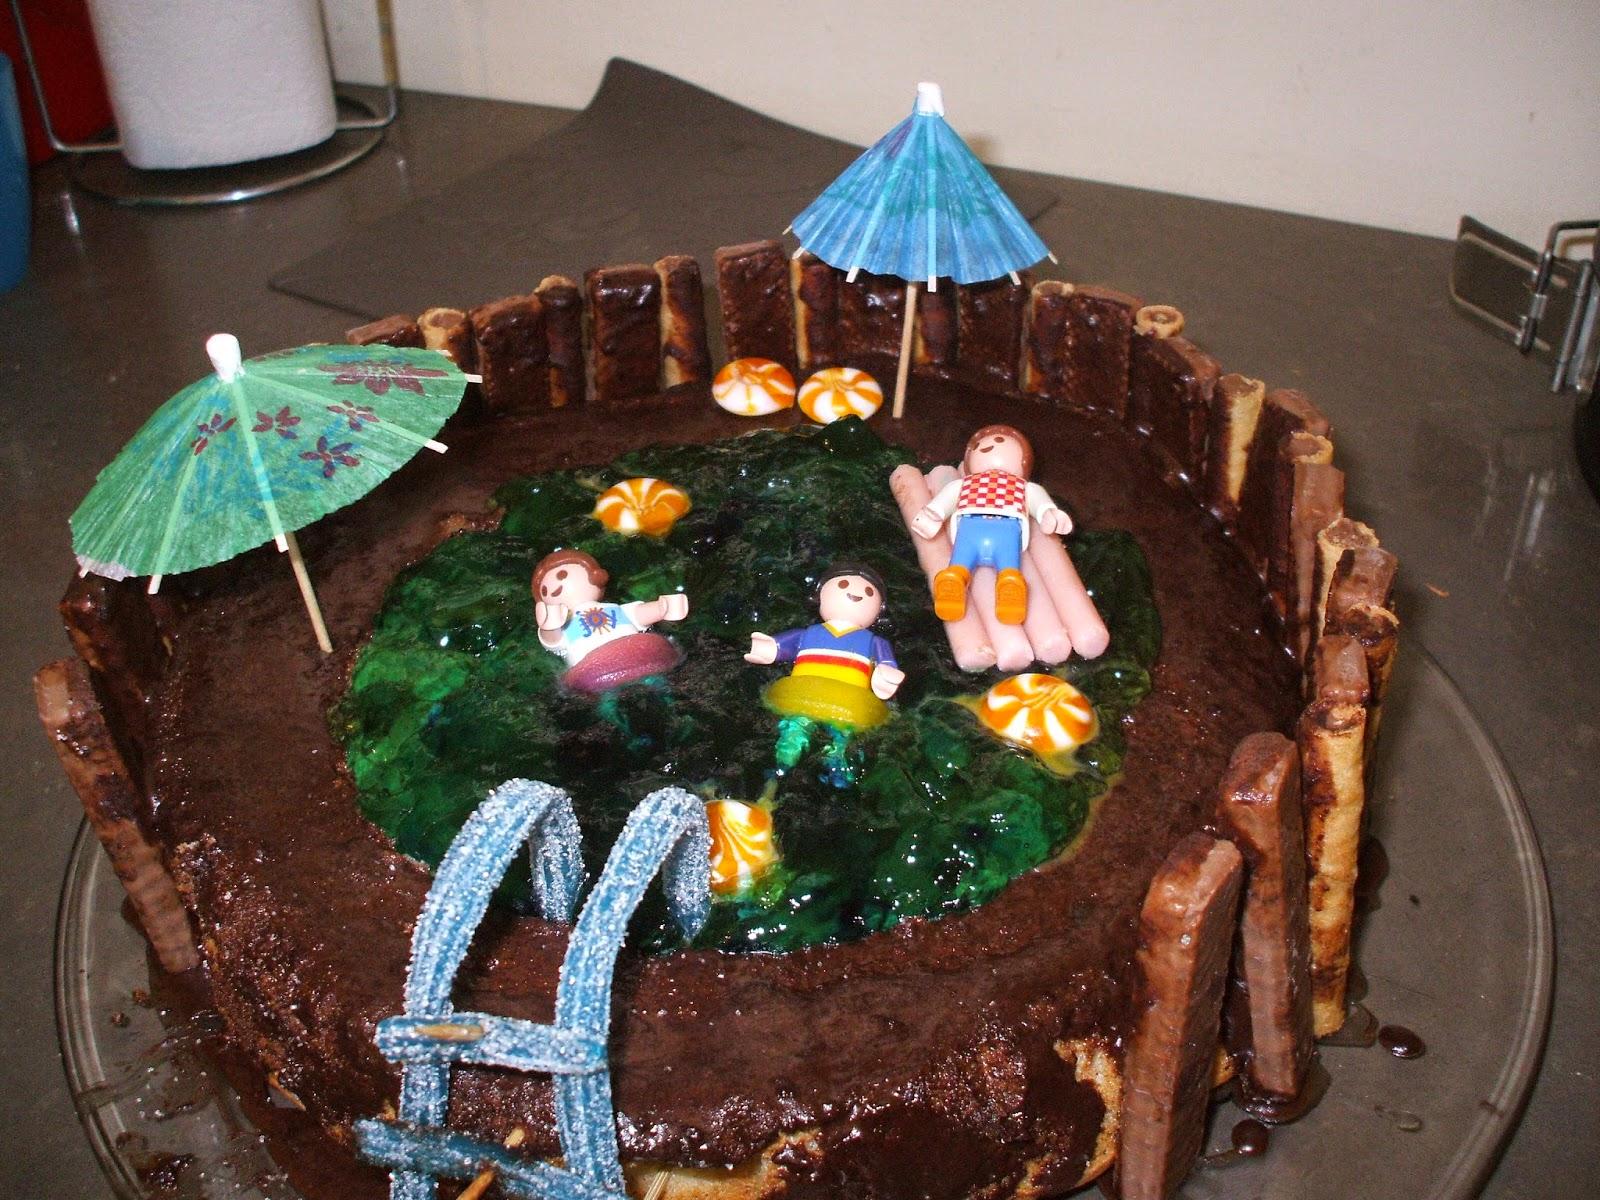 DSCF1436 - עוגה בצורת בריכה